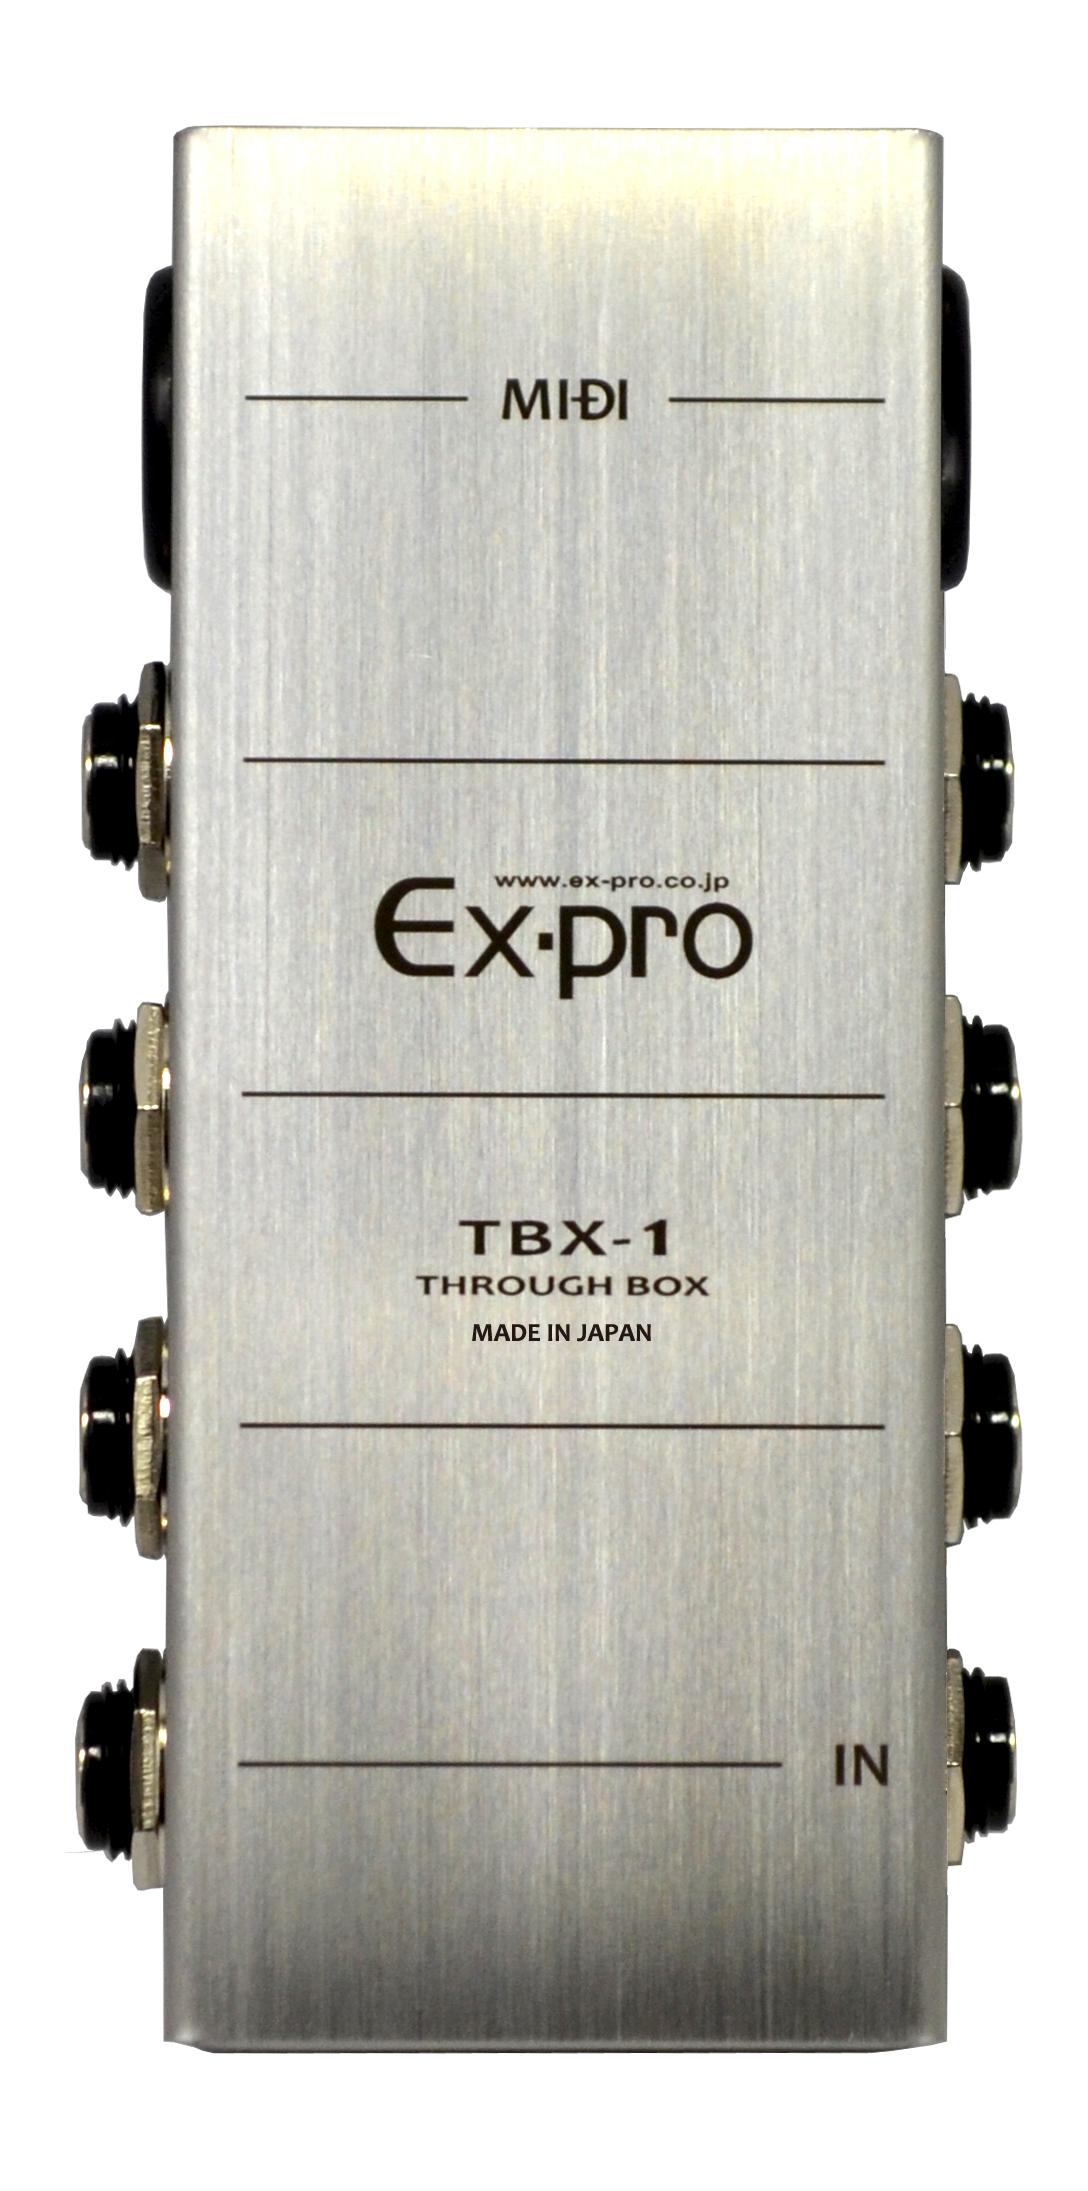 TBX-1